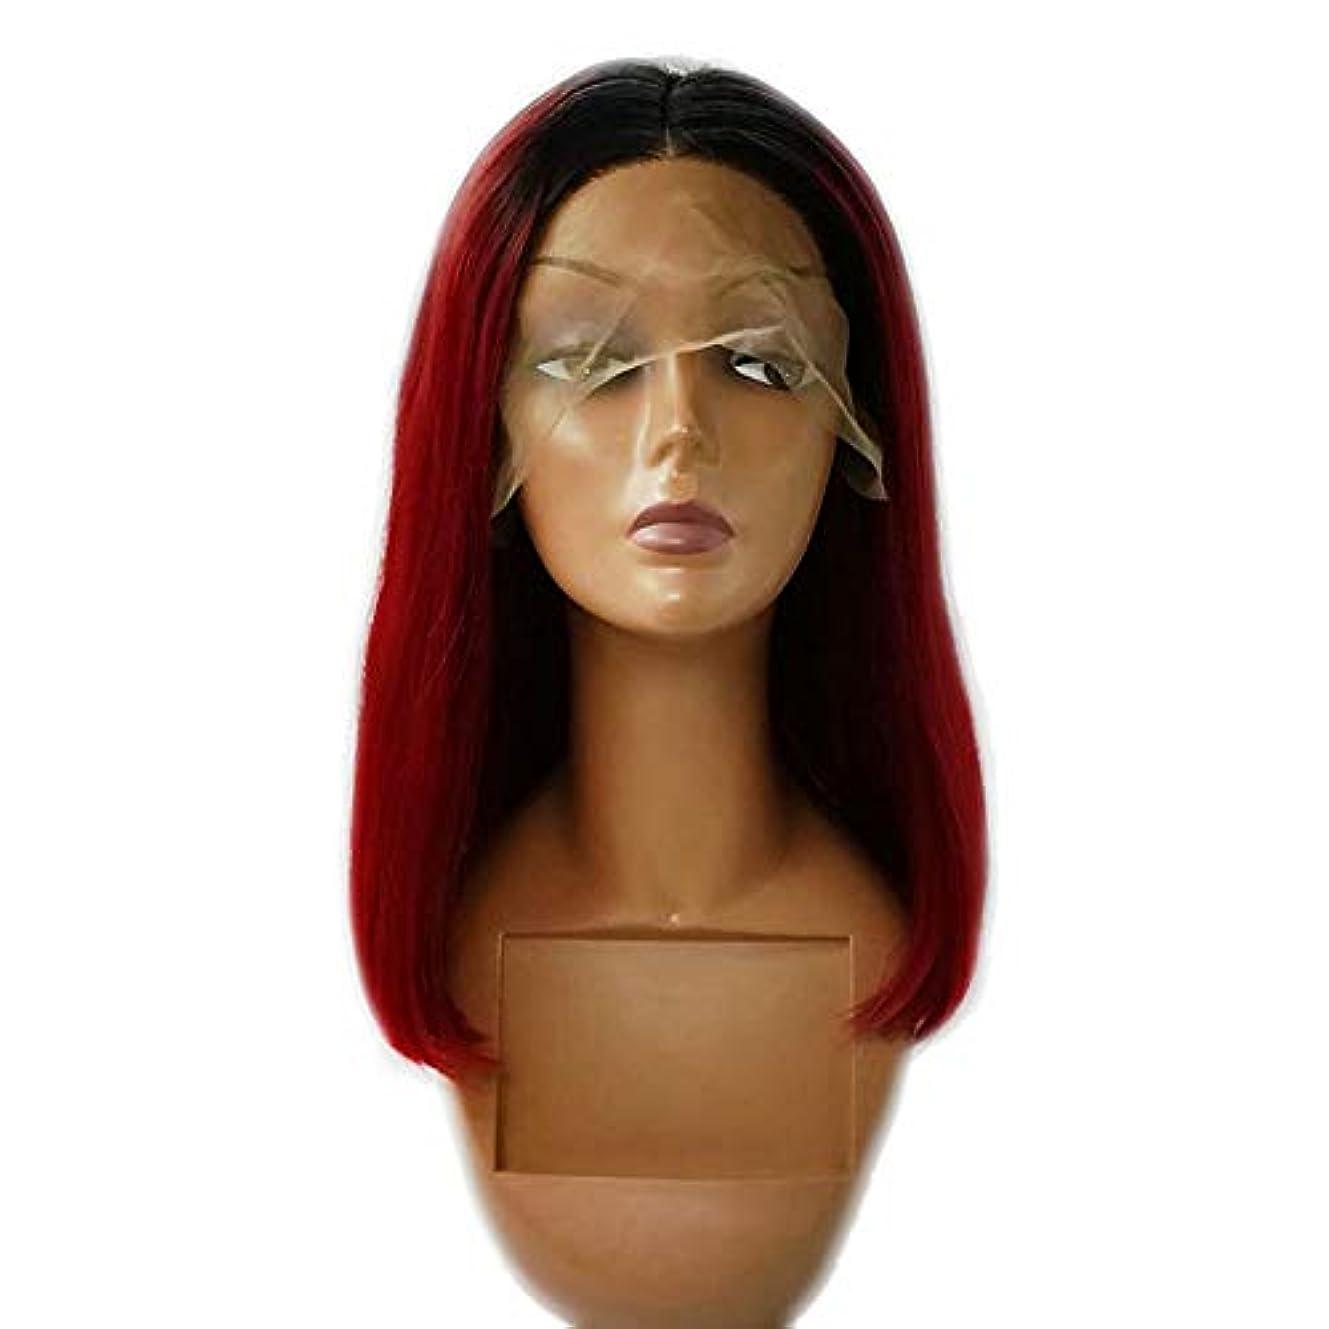 シンプルな敬意抑圧者YOUQIU レッドボブショートストレートヘアー - 女性のかつらのためにレースのフロント合成かつら (色 : レッド)